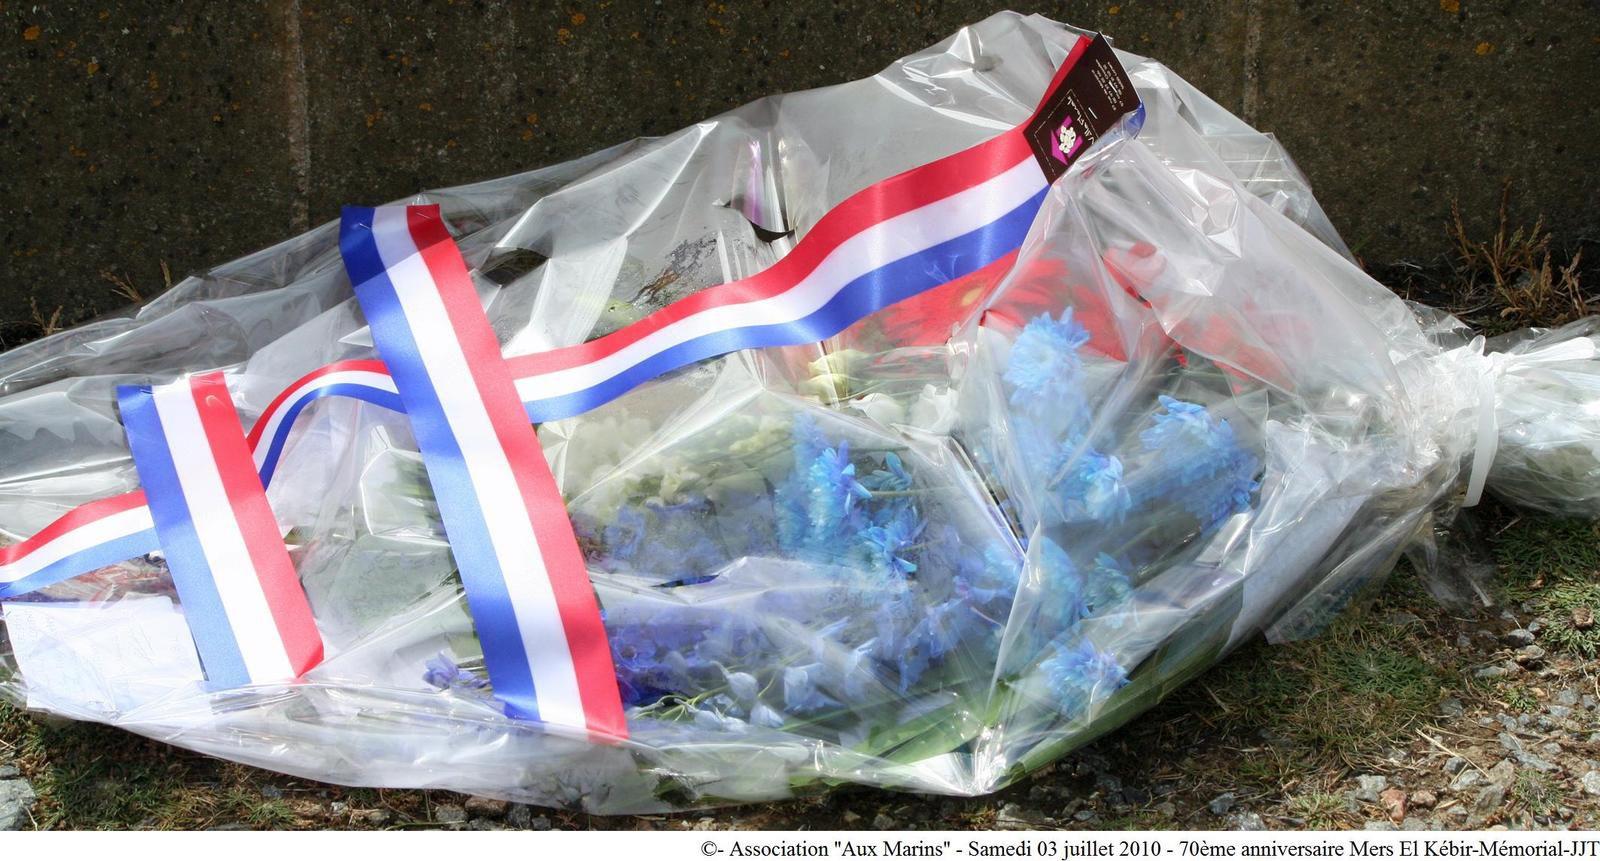 03 juillet 2010 - cérémonie du 70ème anniversaire de la tragédie maritime de Mers-el-Kébir au mémorial national des marins morts pour la France de la Pointe Saint Mathieu